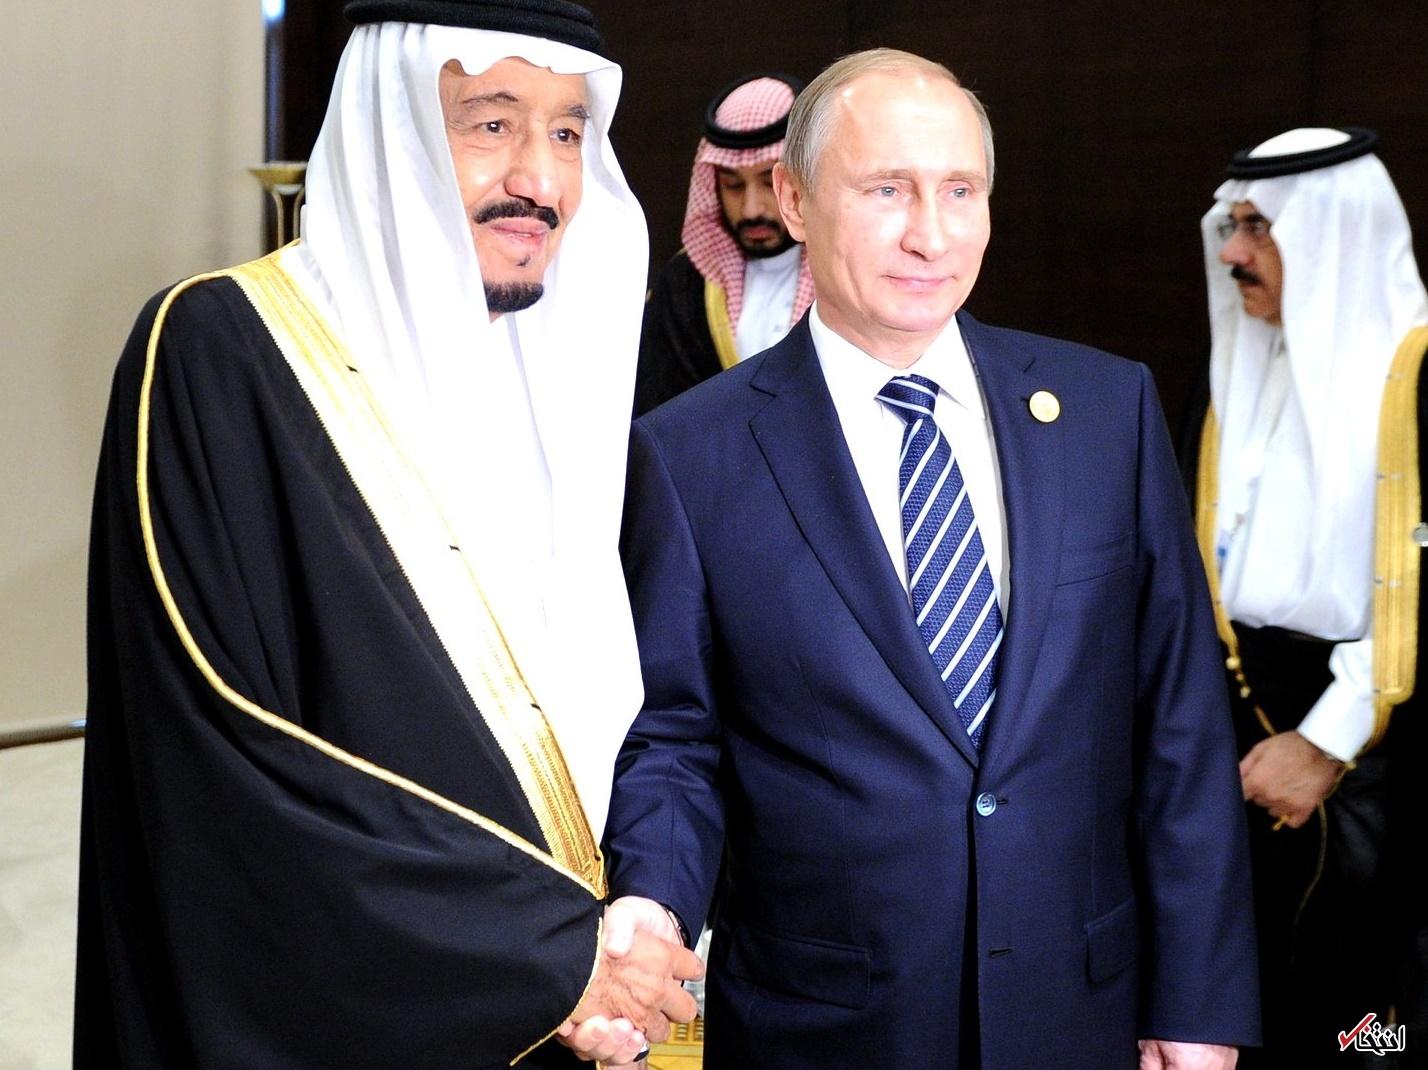 تحلیل «البناء» از سفر «استراتژیک» ملک سلمان به روسیه / پادشاه عربستان به دنبال میانجی گری پوتین میان تهران و ریاض است؟